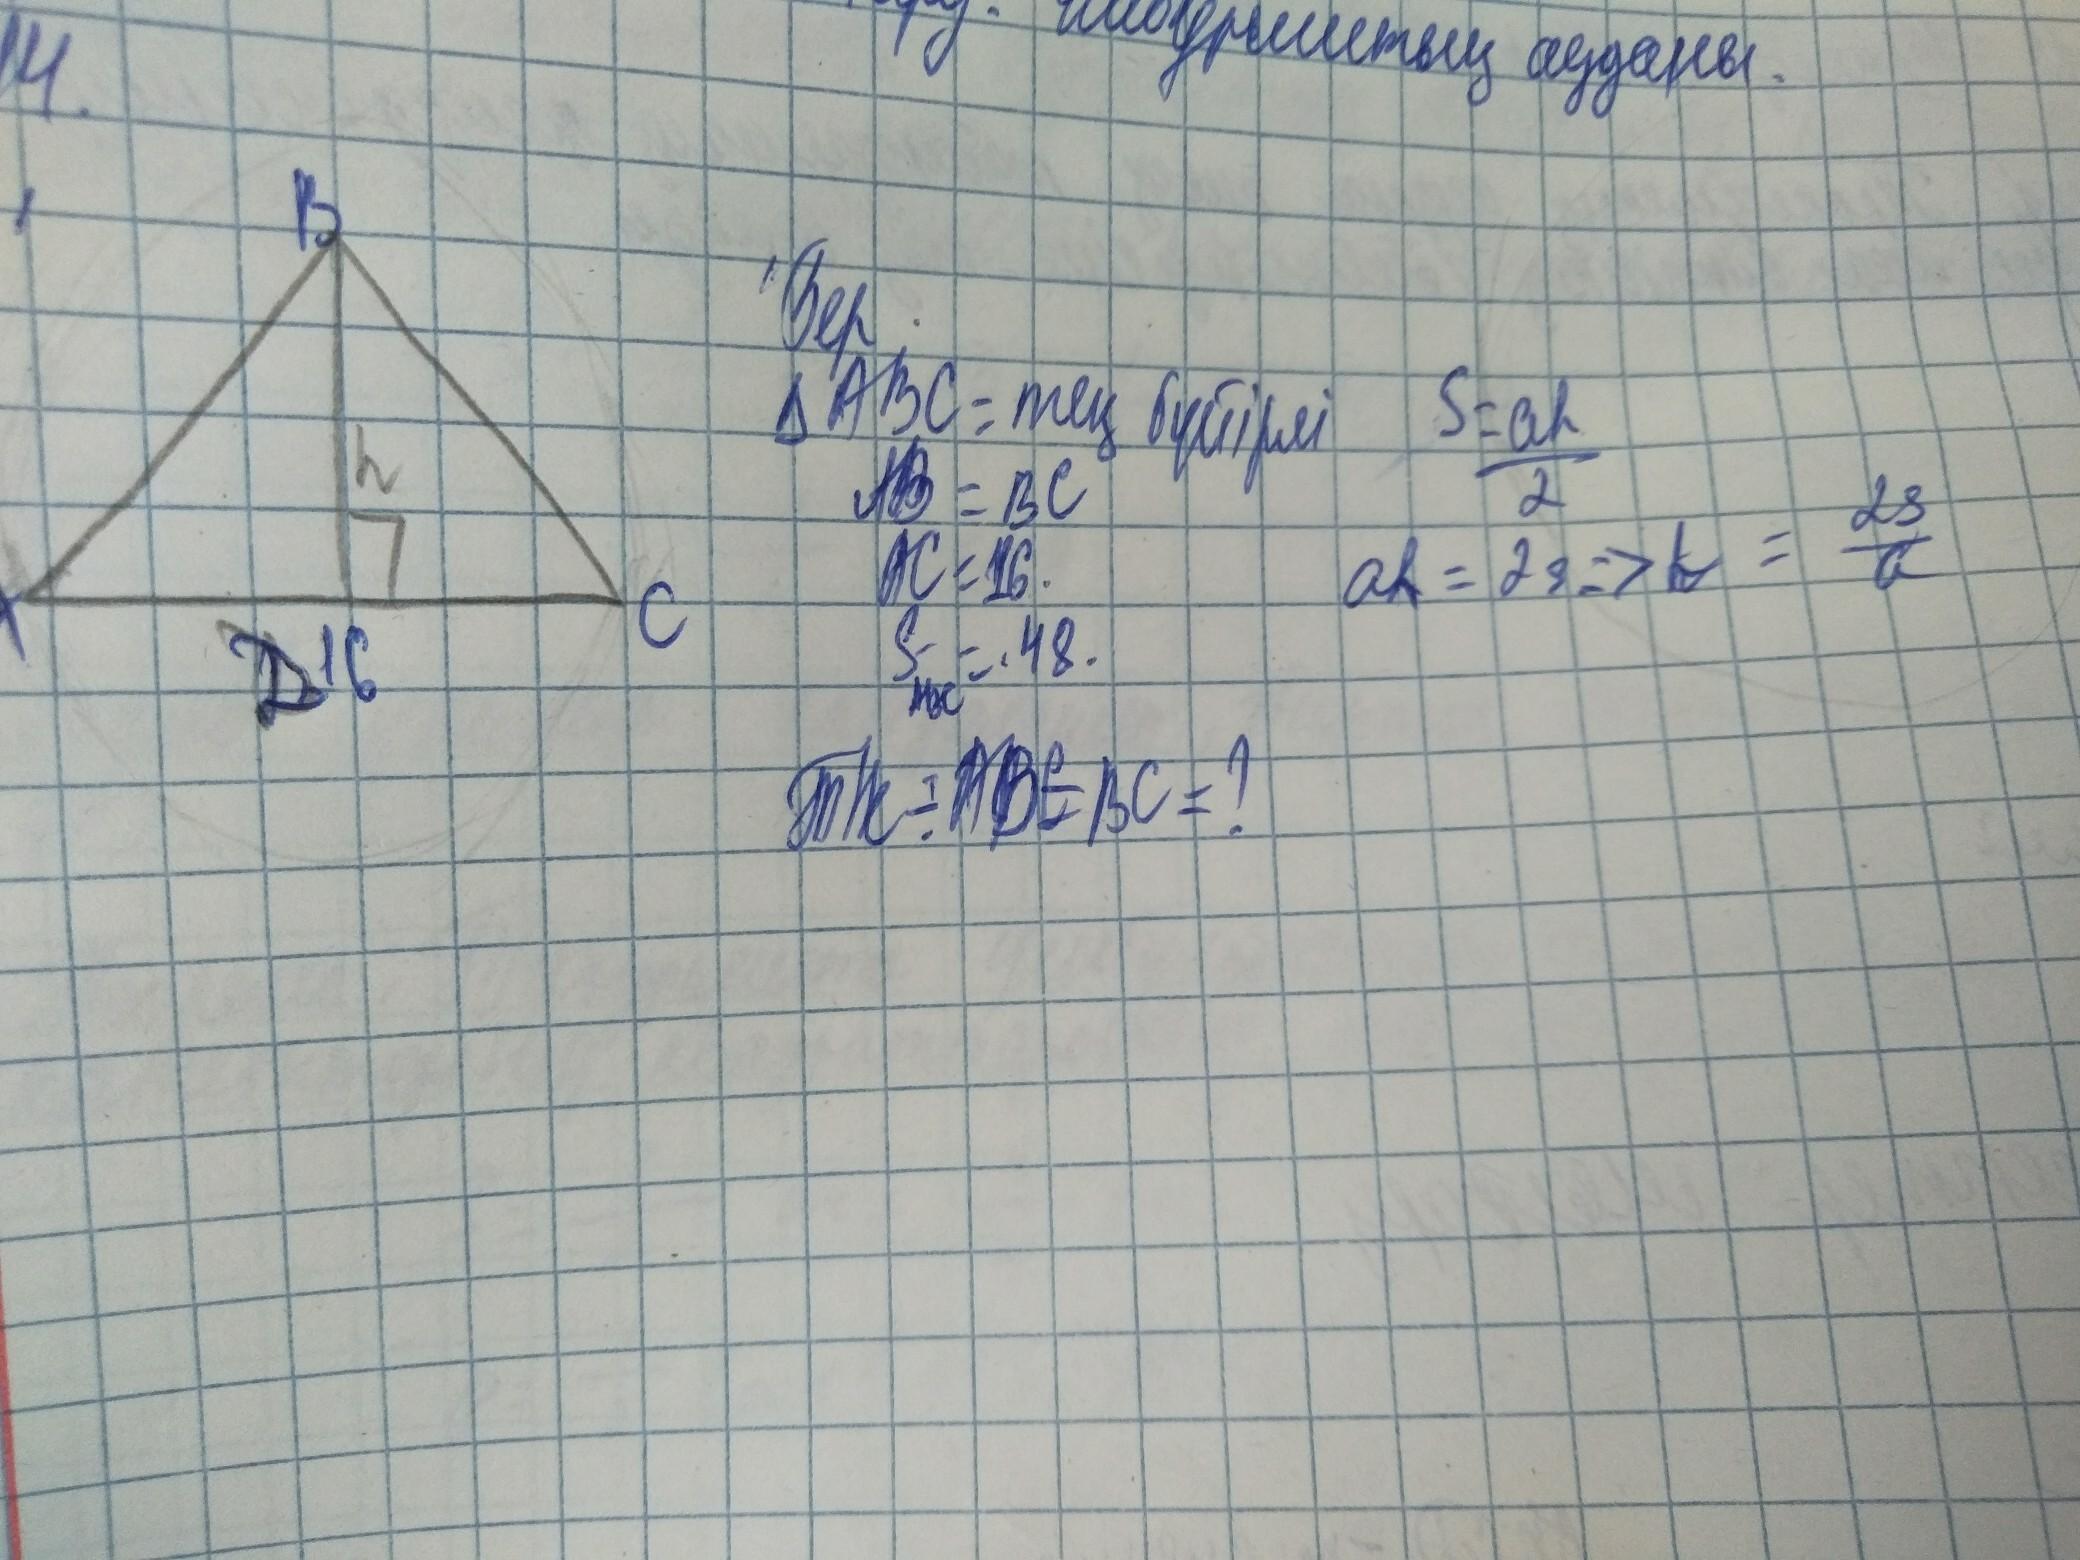 Как можно решить эту задачу азаров методы решения задач с параметрами скачать